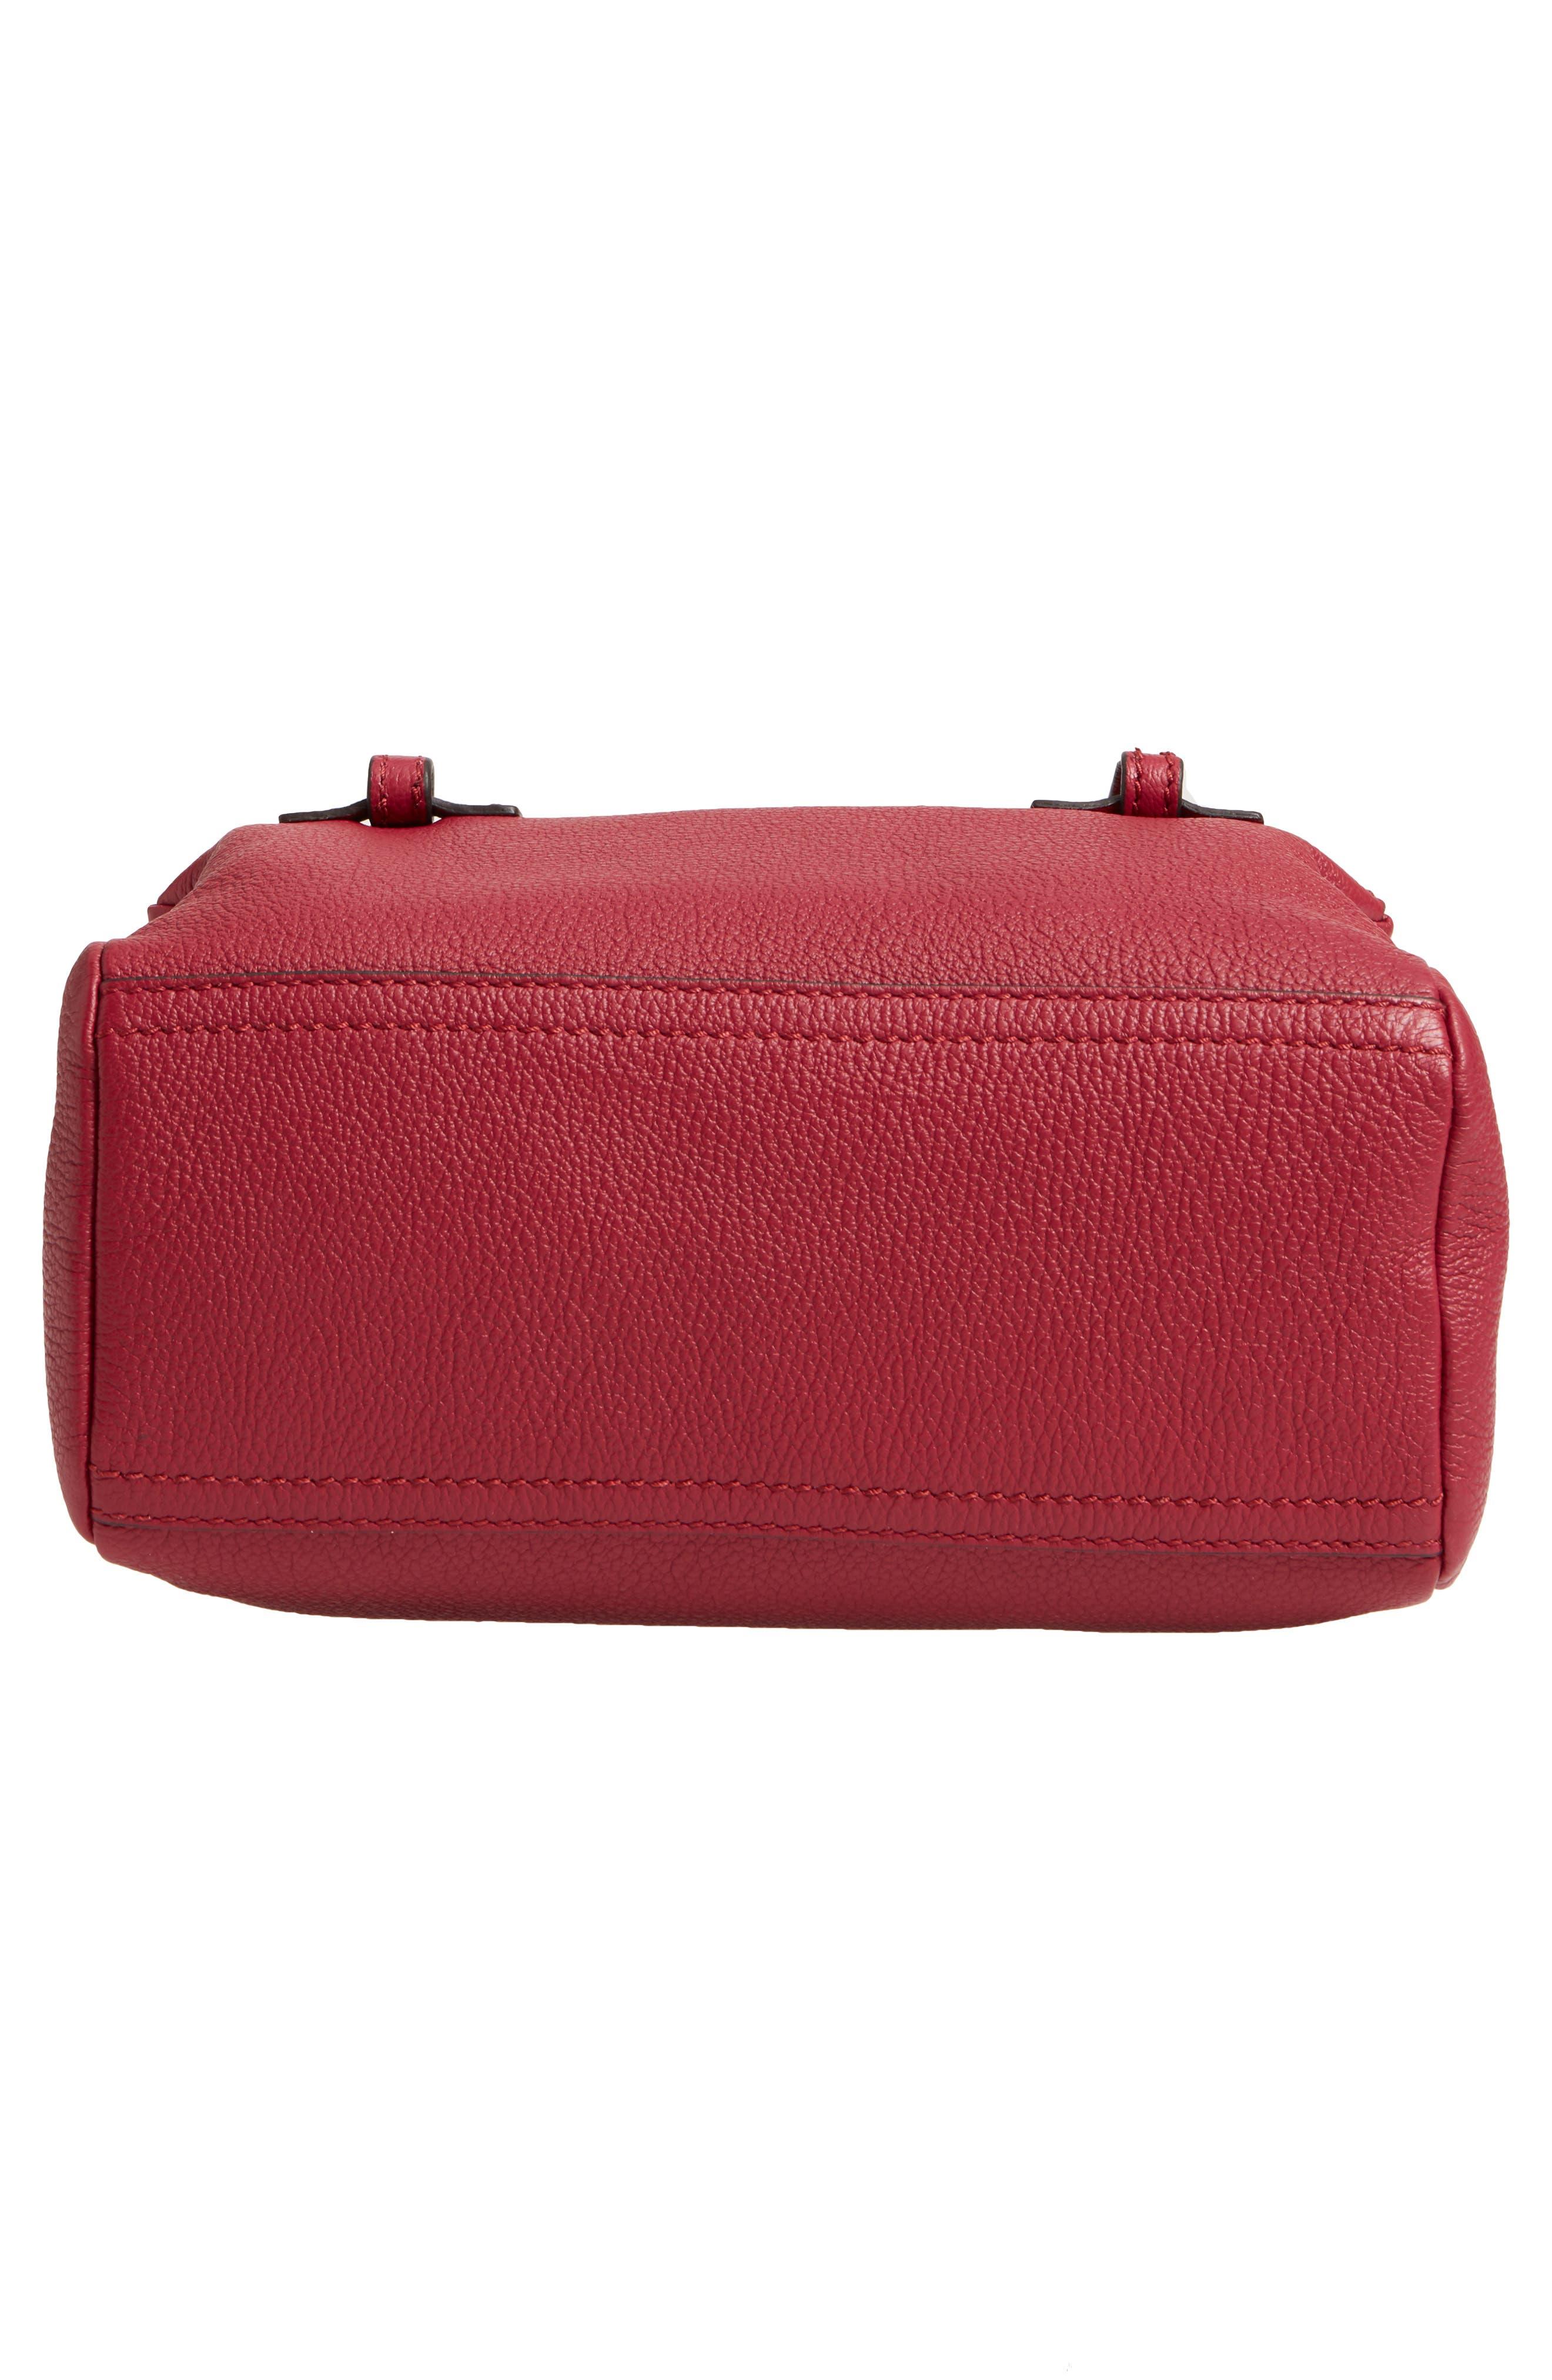 'Mini Pandora' Sugar Leather Shoulder Bag,                             Alternate thumbnail 3, color,                             Fig Pink